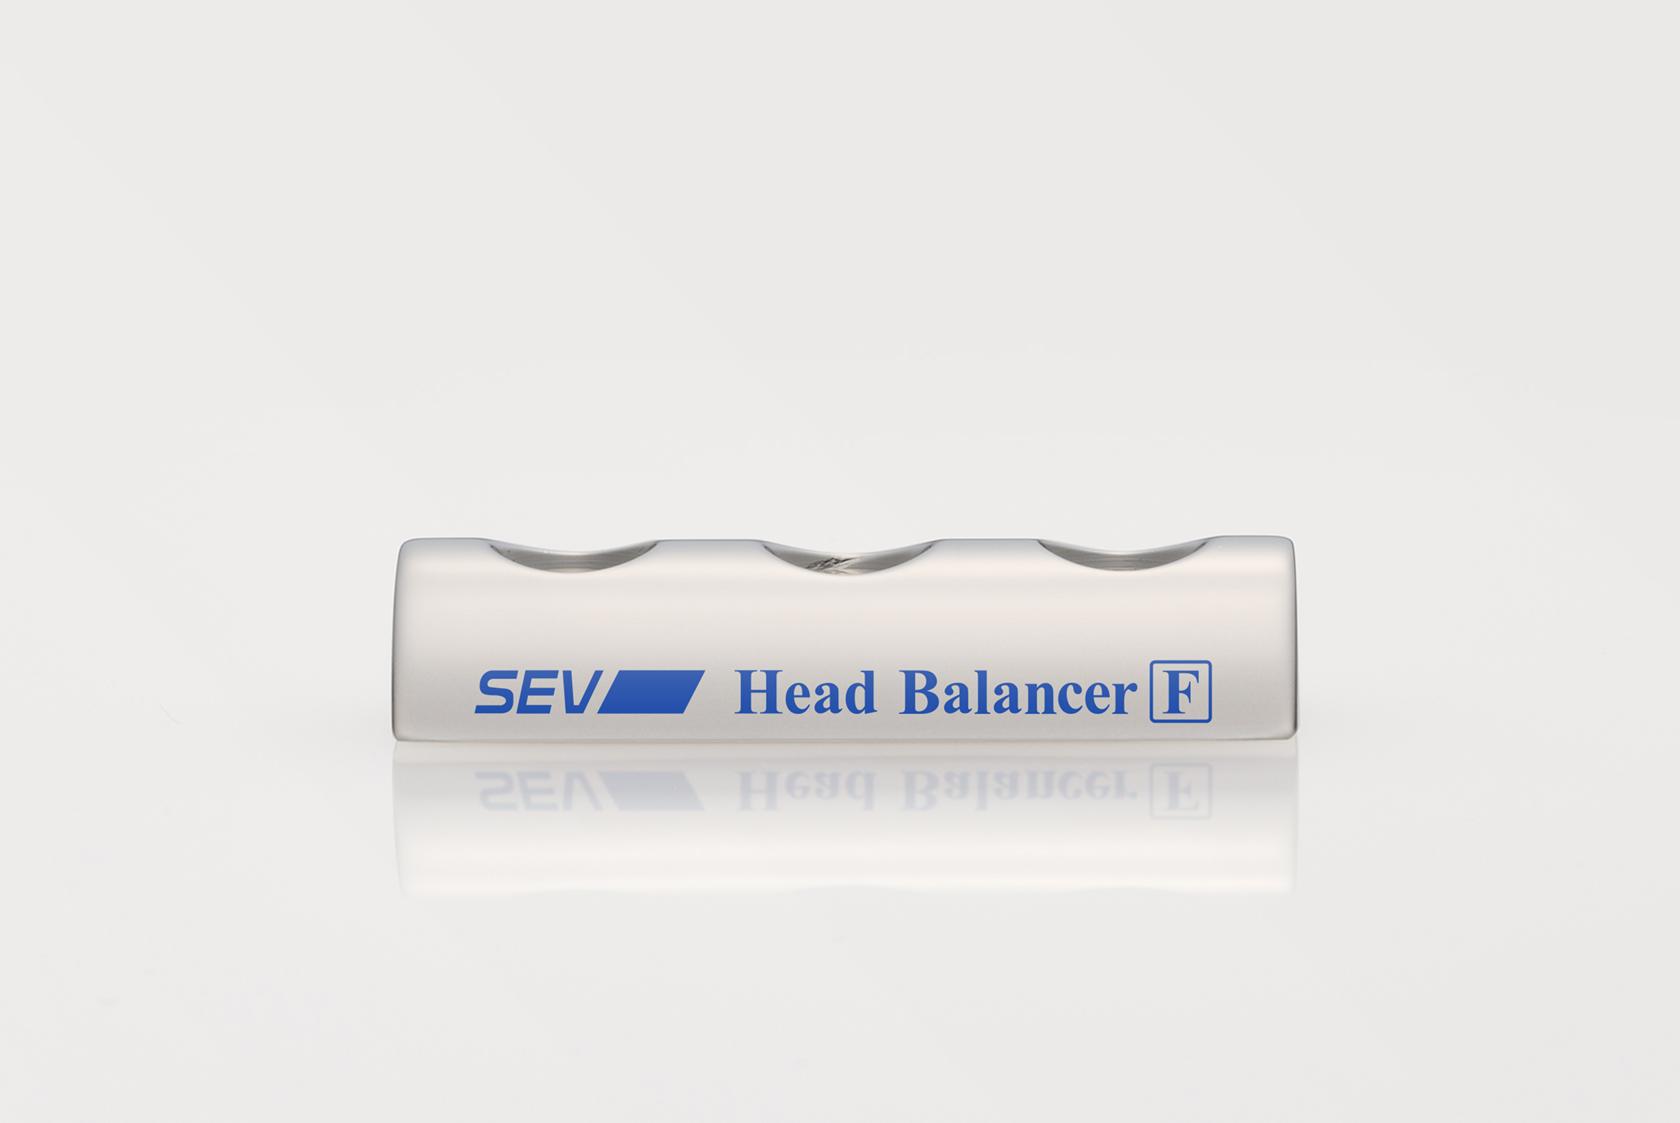 【自動車用】SEV セブヘッドバランサーF